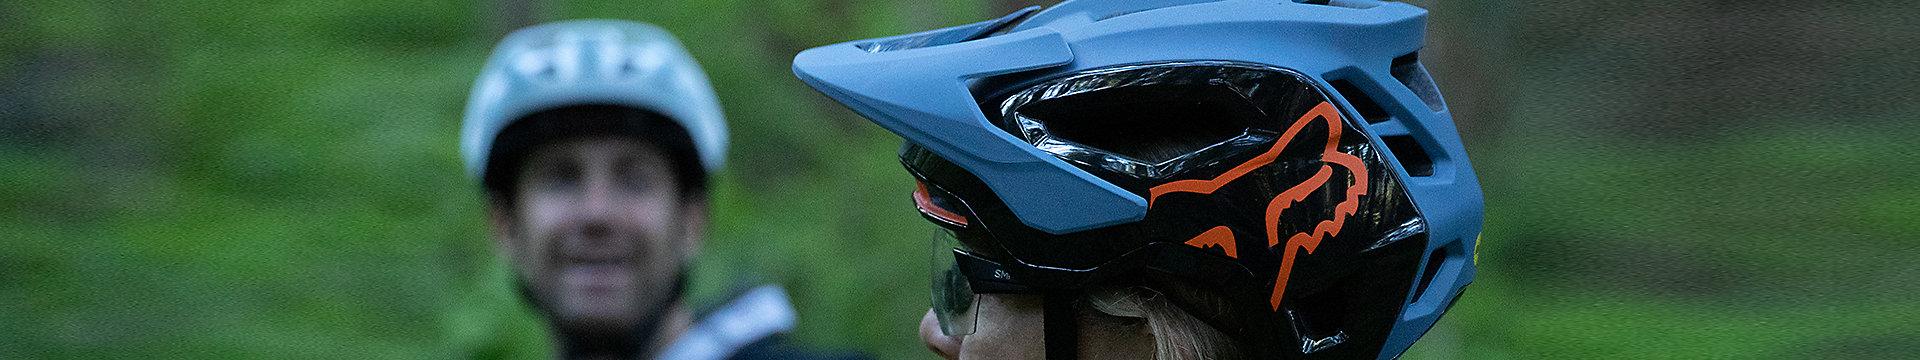 Mens MTB Helmets